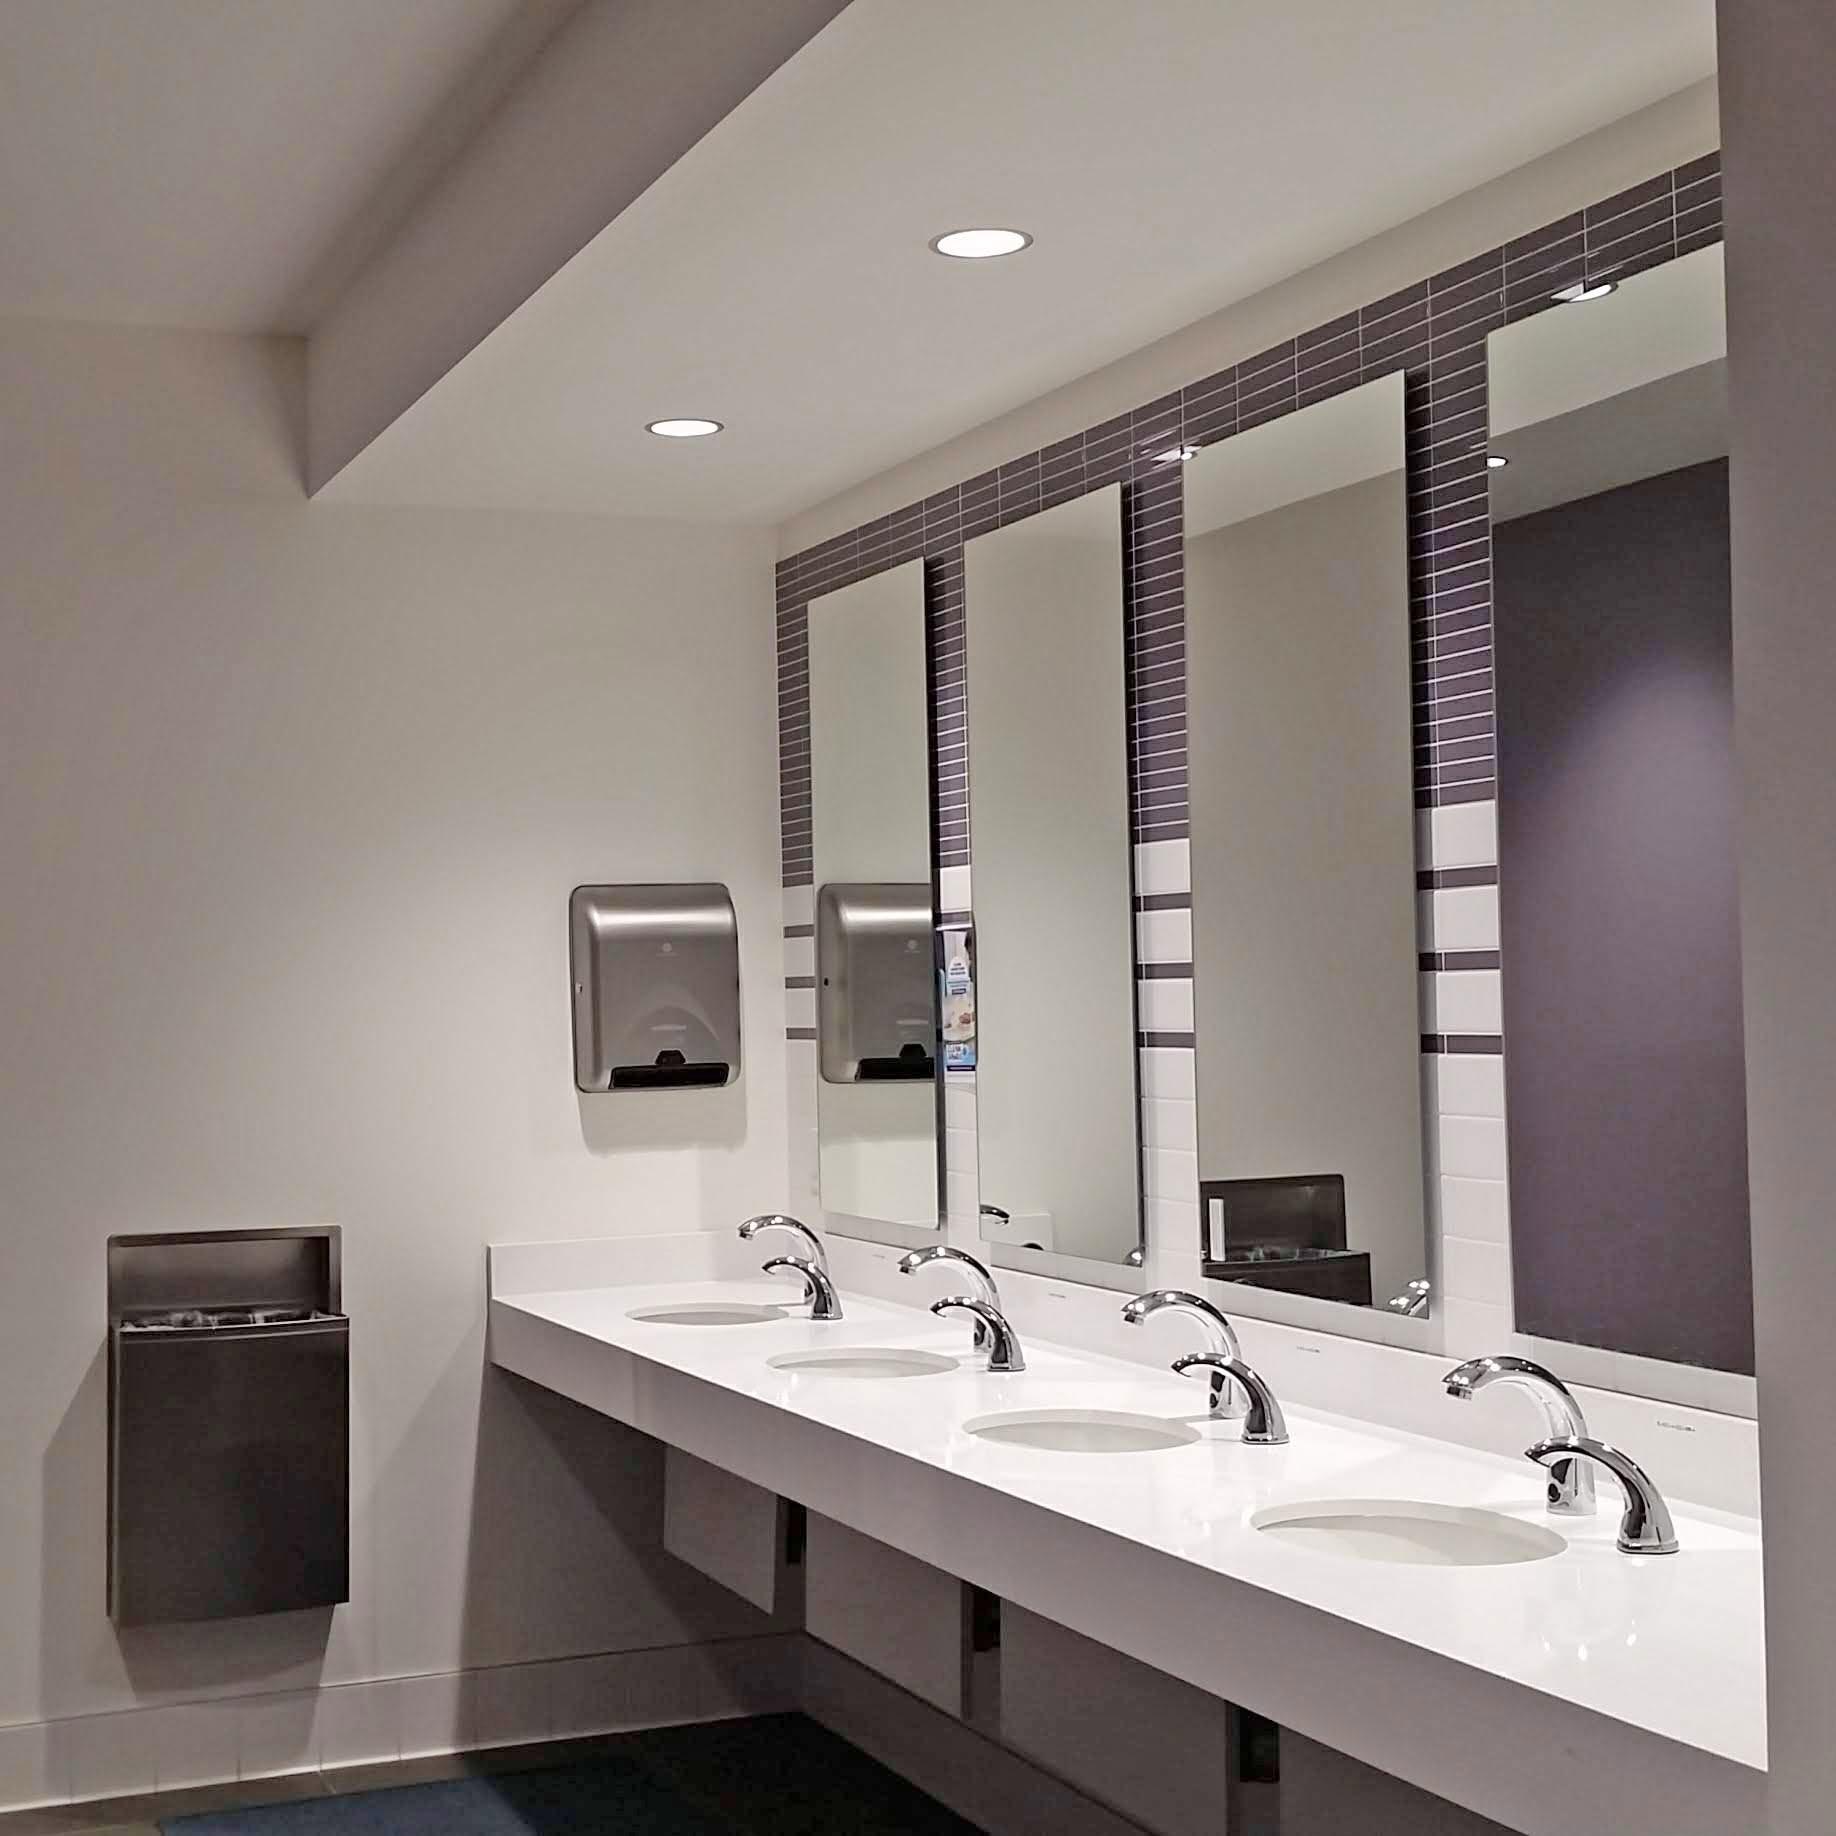 Training Center Restroom